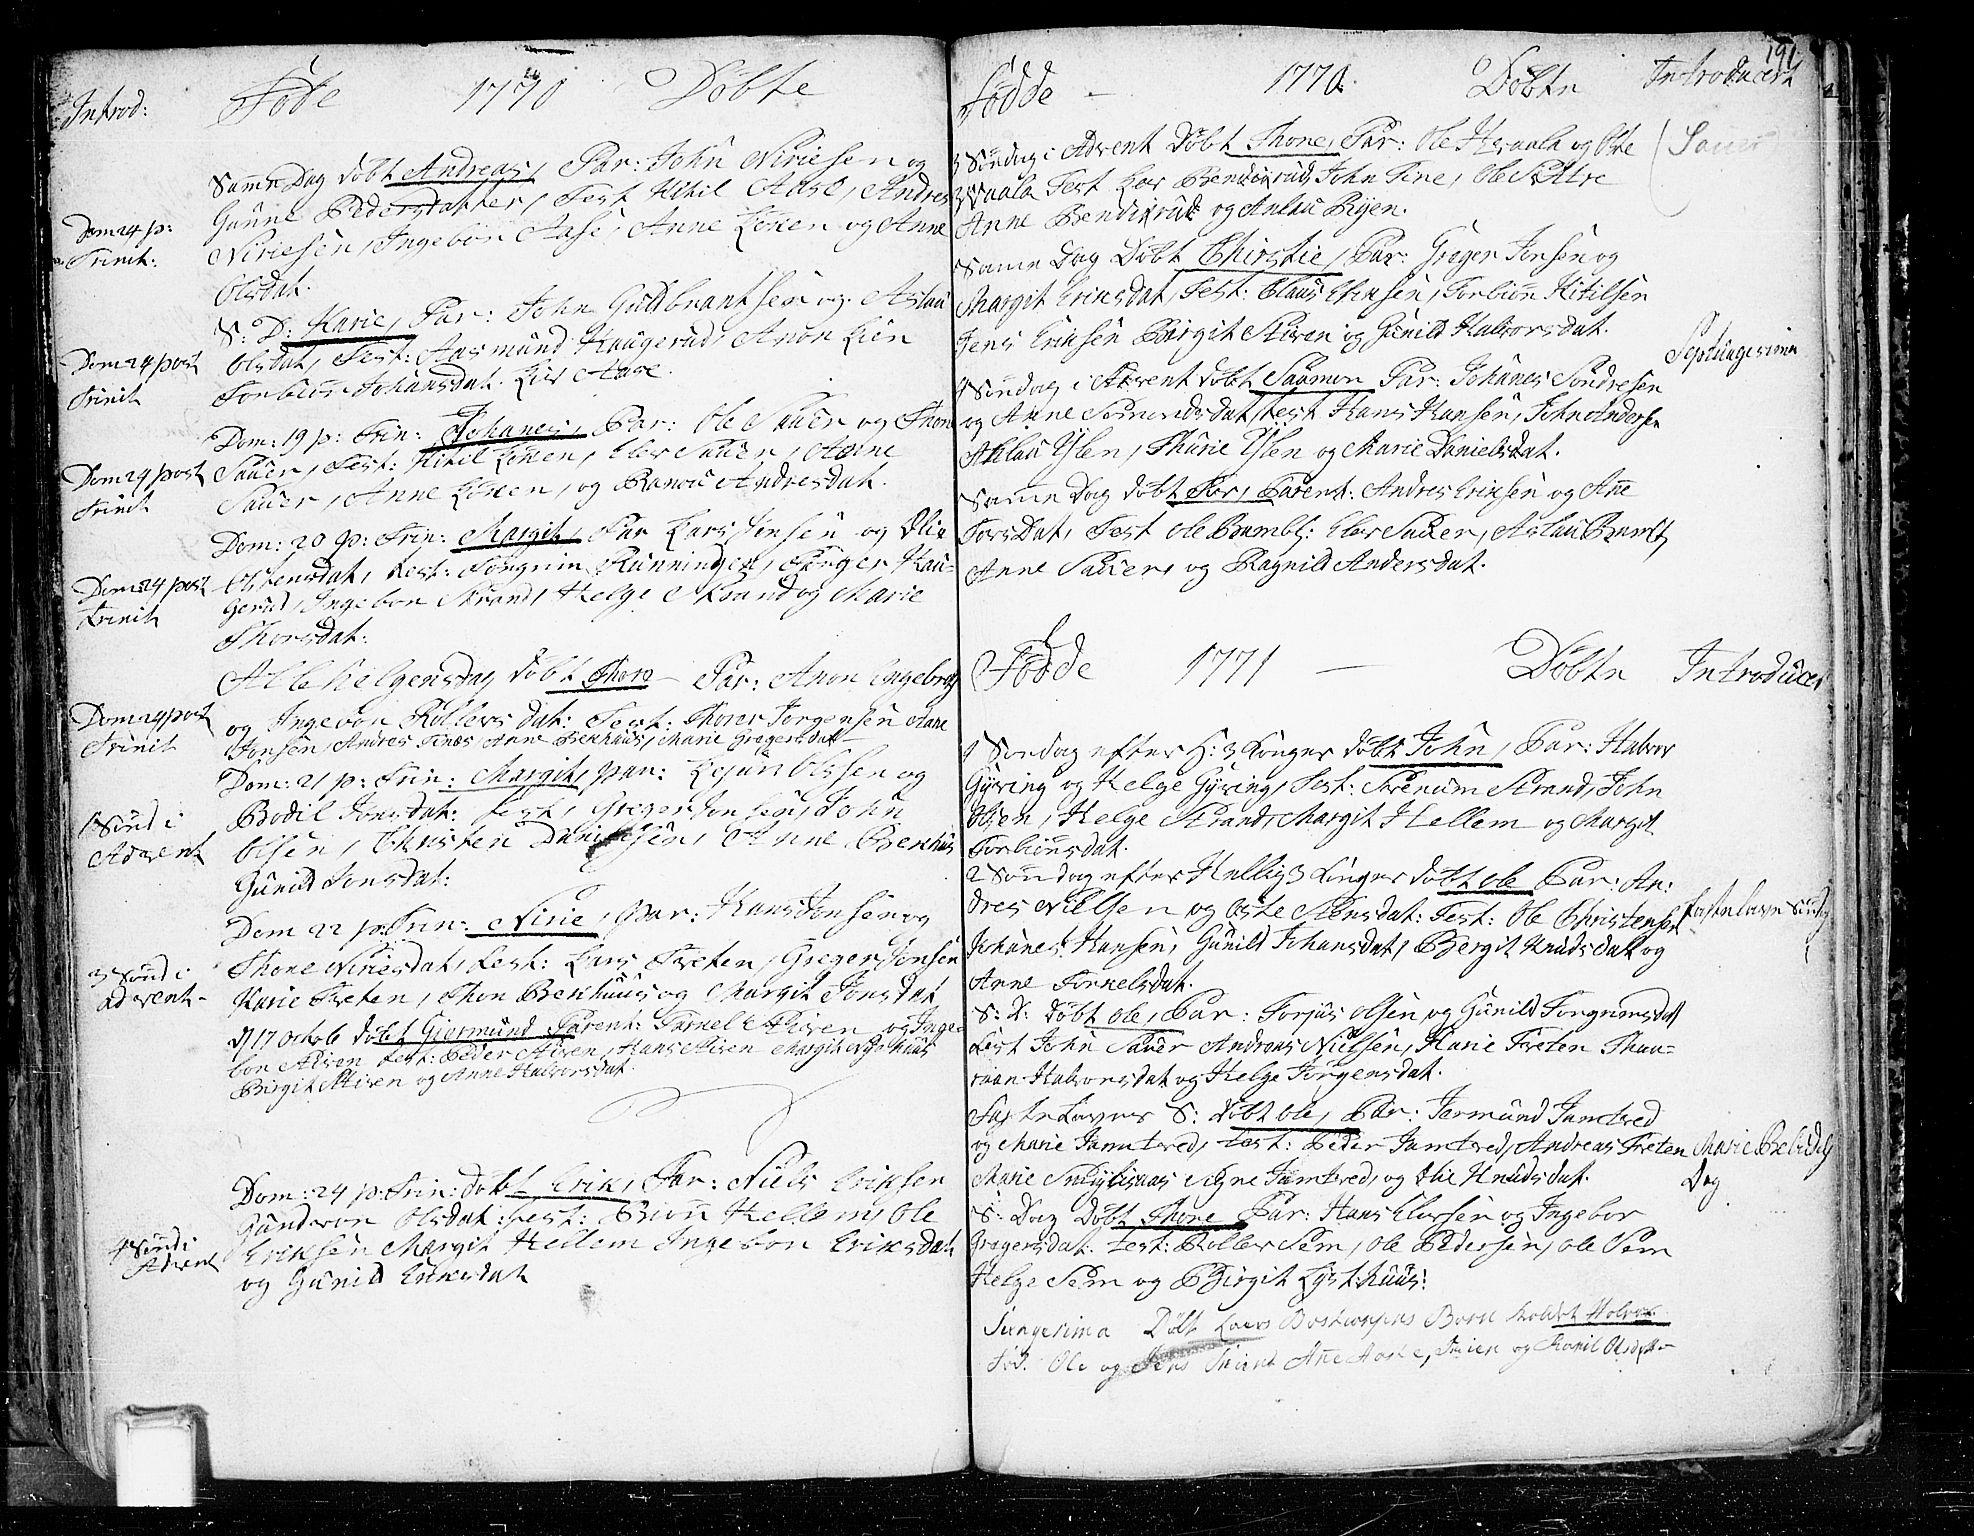 SAKO, Heddal kirkebøker, F/Fa/L0003: Ministerialbok nr. I 3, 1723-1783, s. 191